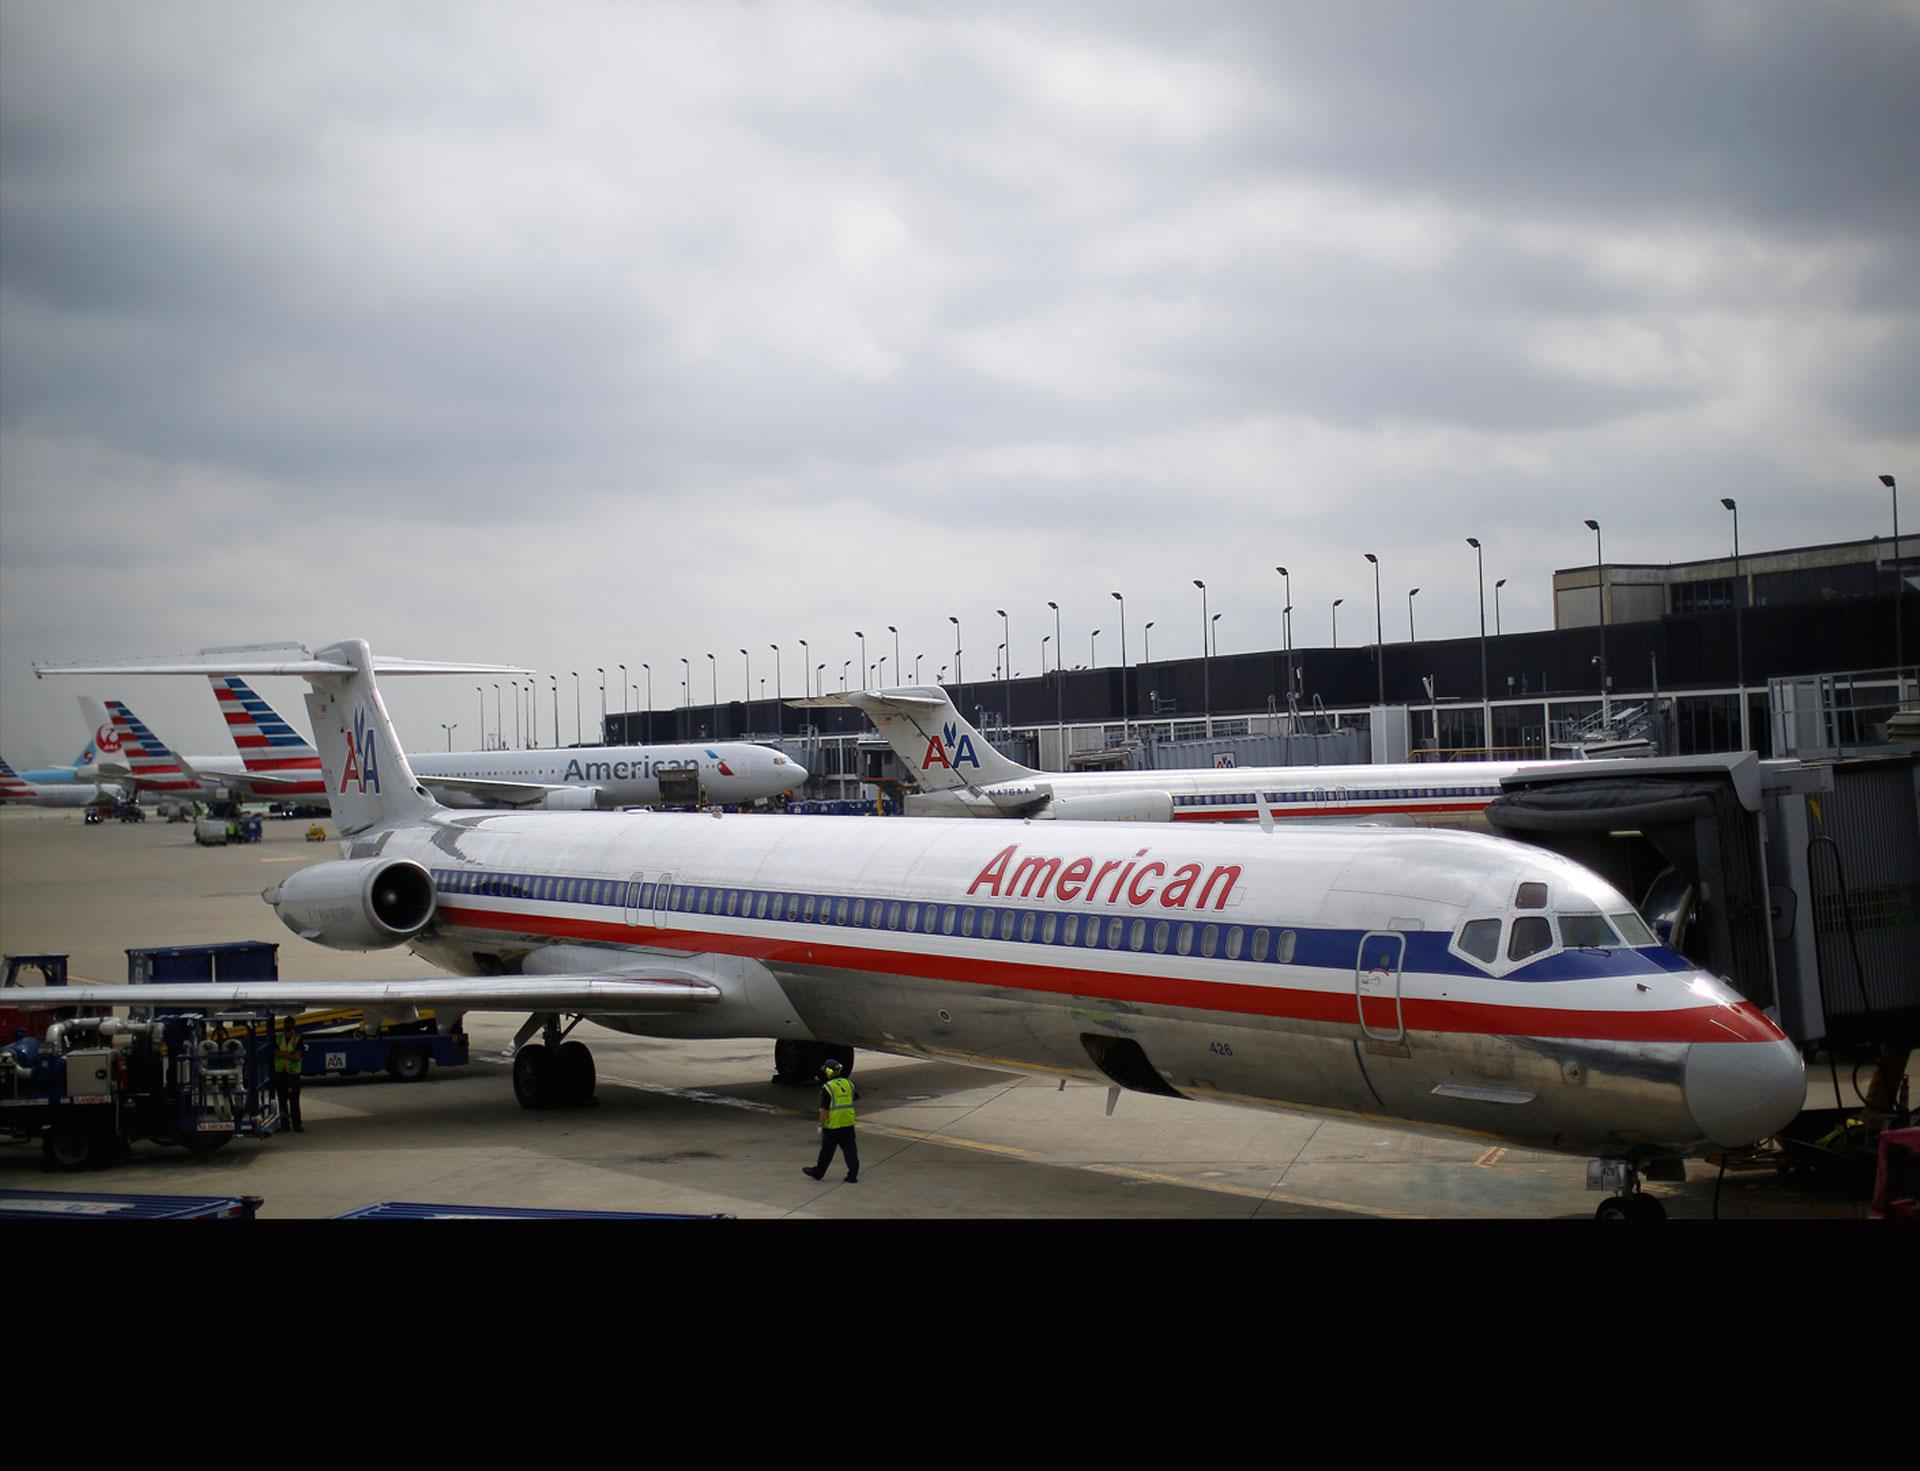 Un avión de American Airlines debió modificar este lunes su ruta y aterrizar de emergencia por fallecimiento del capitán